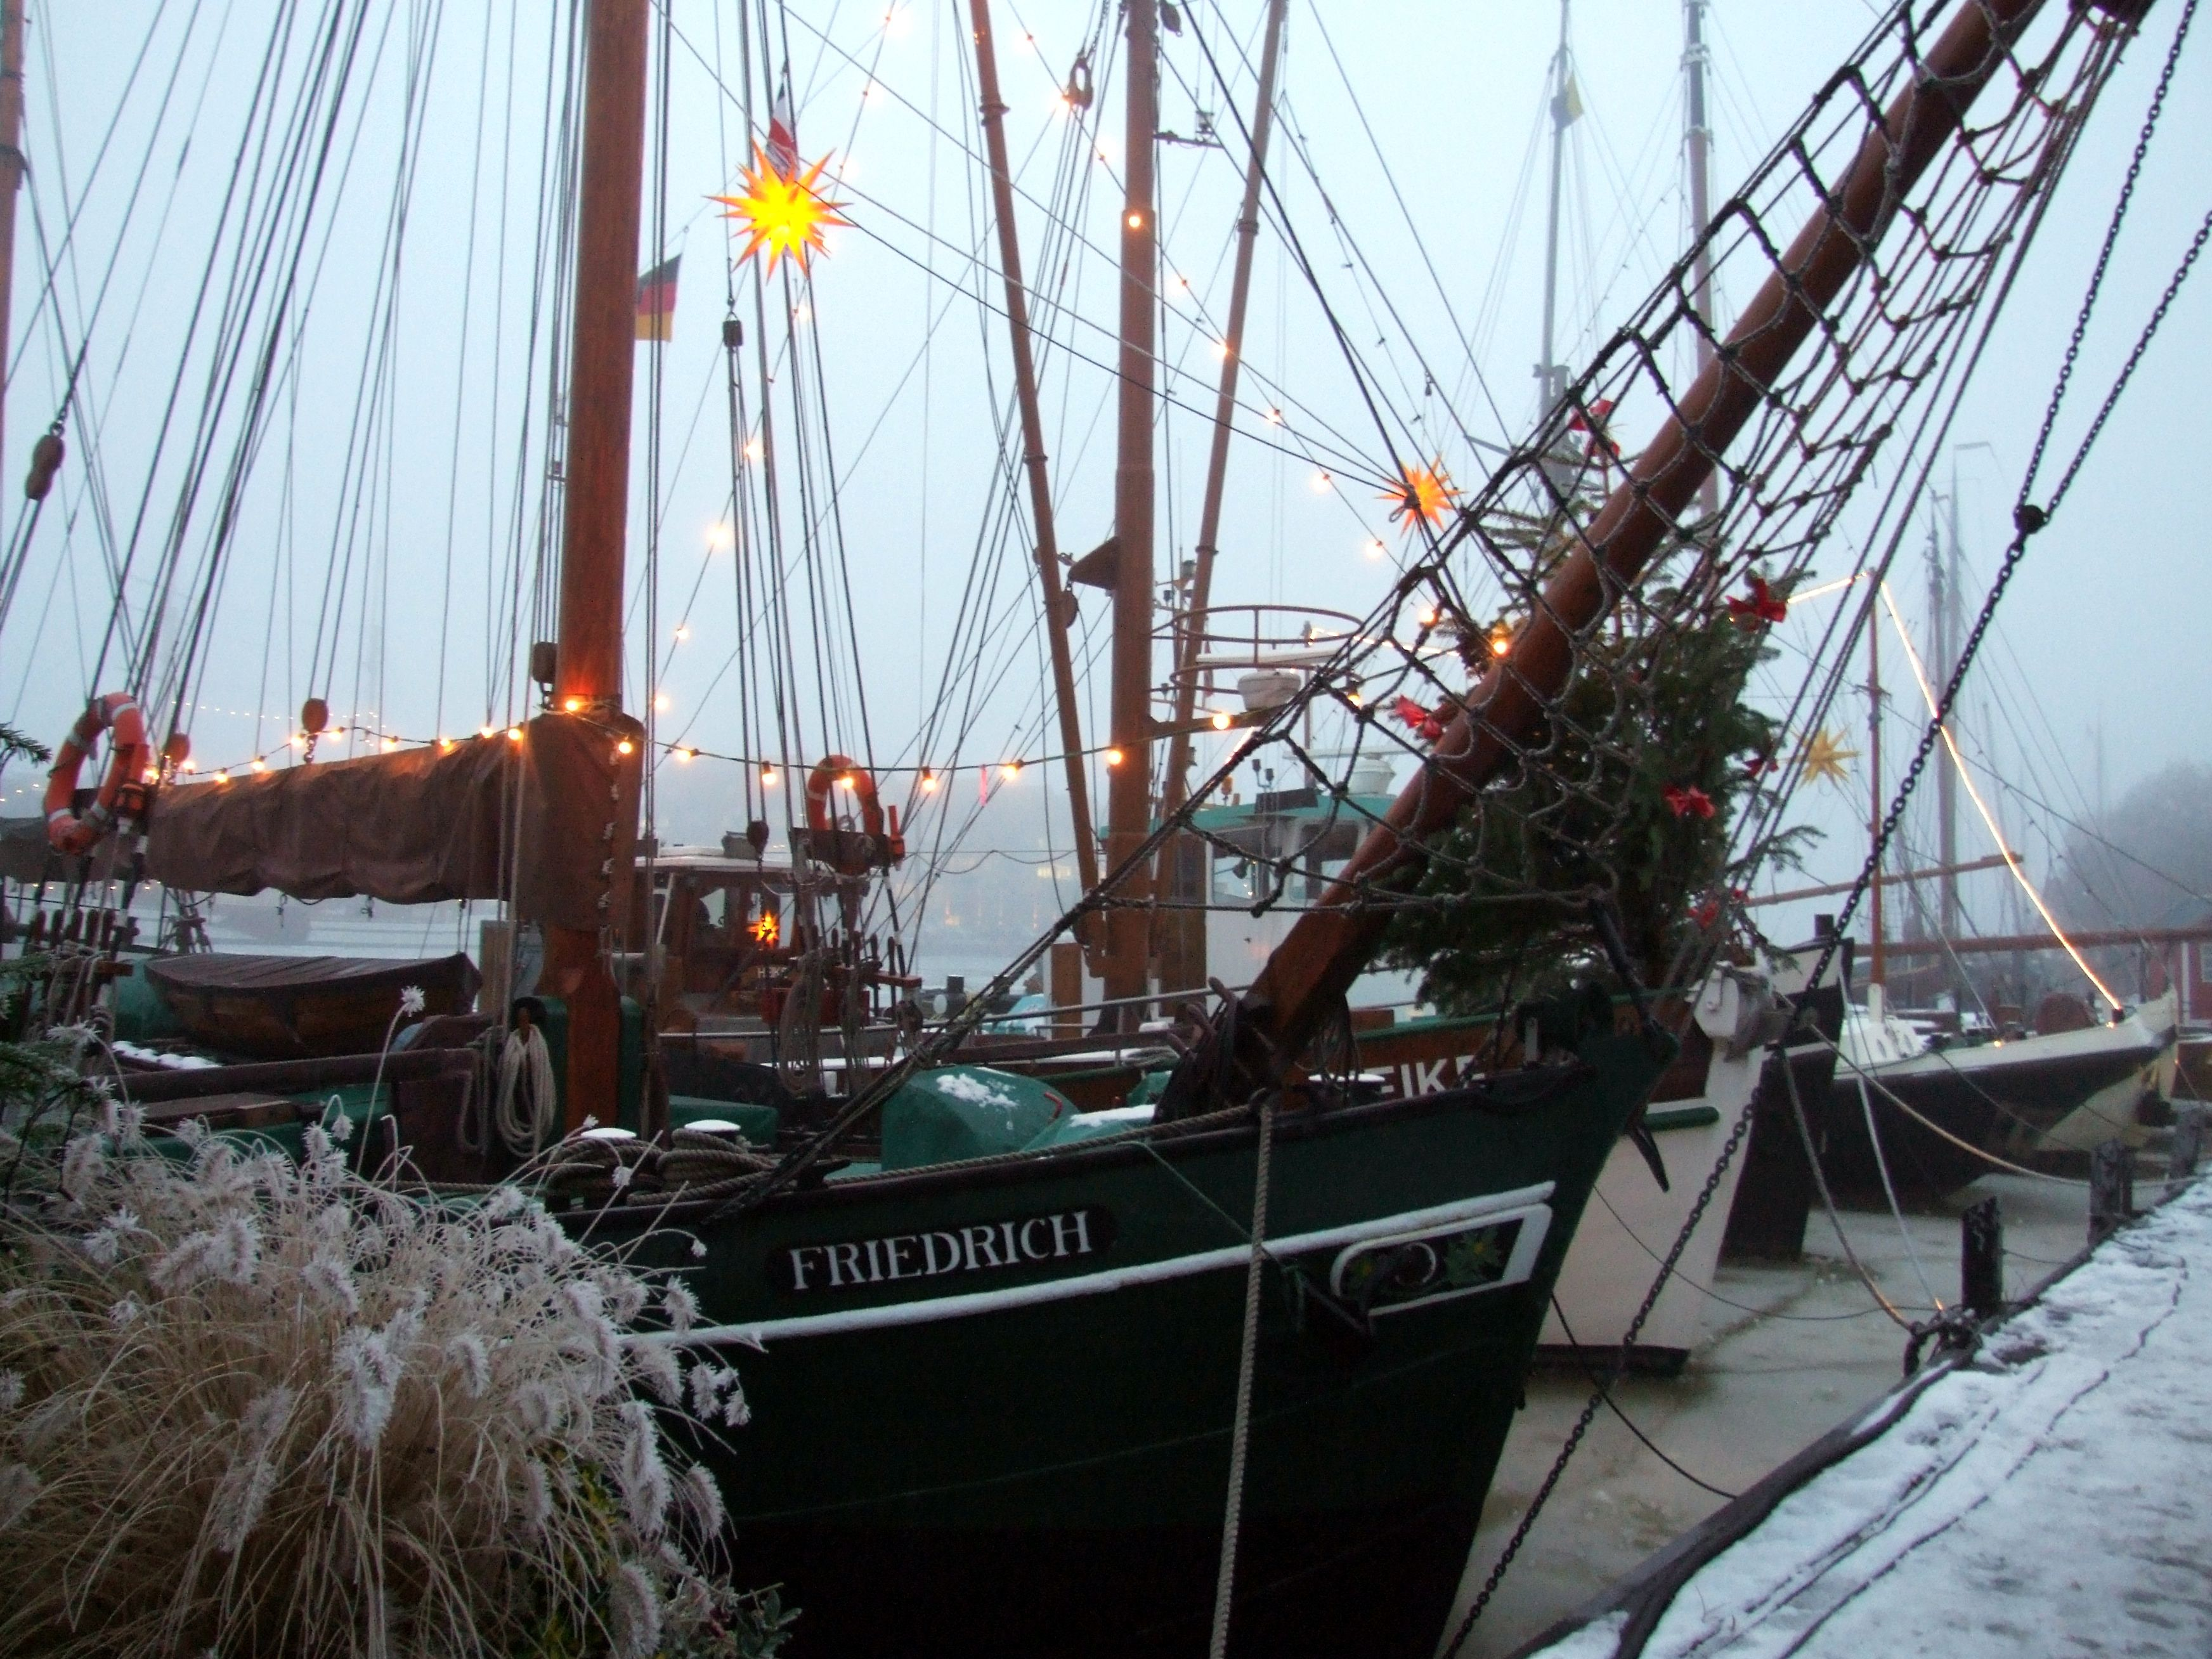 Geschmuckte Schiffe Am Weihnachtsmarkt Achter D Waag Im